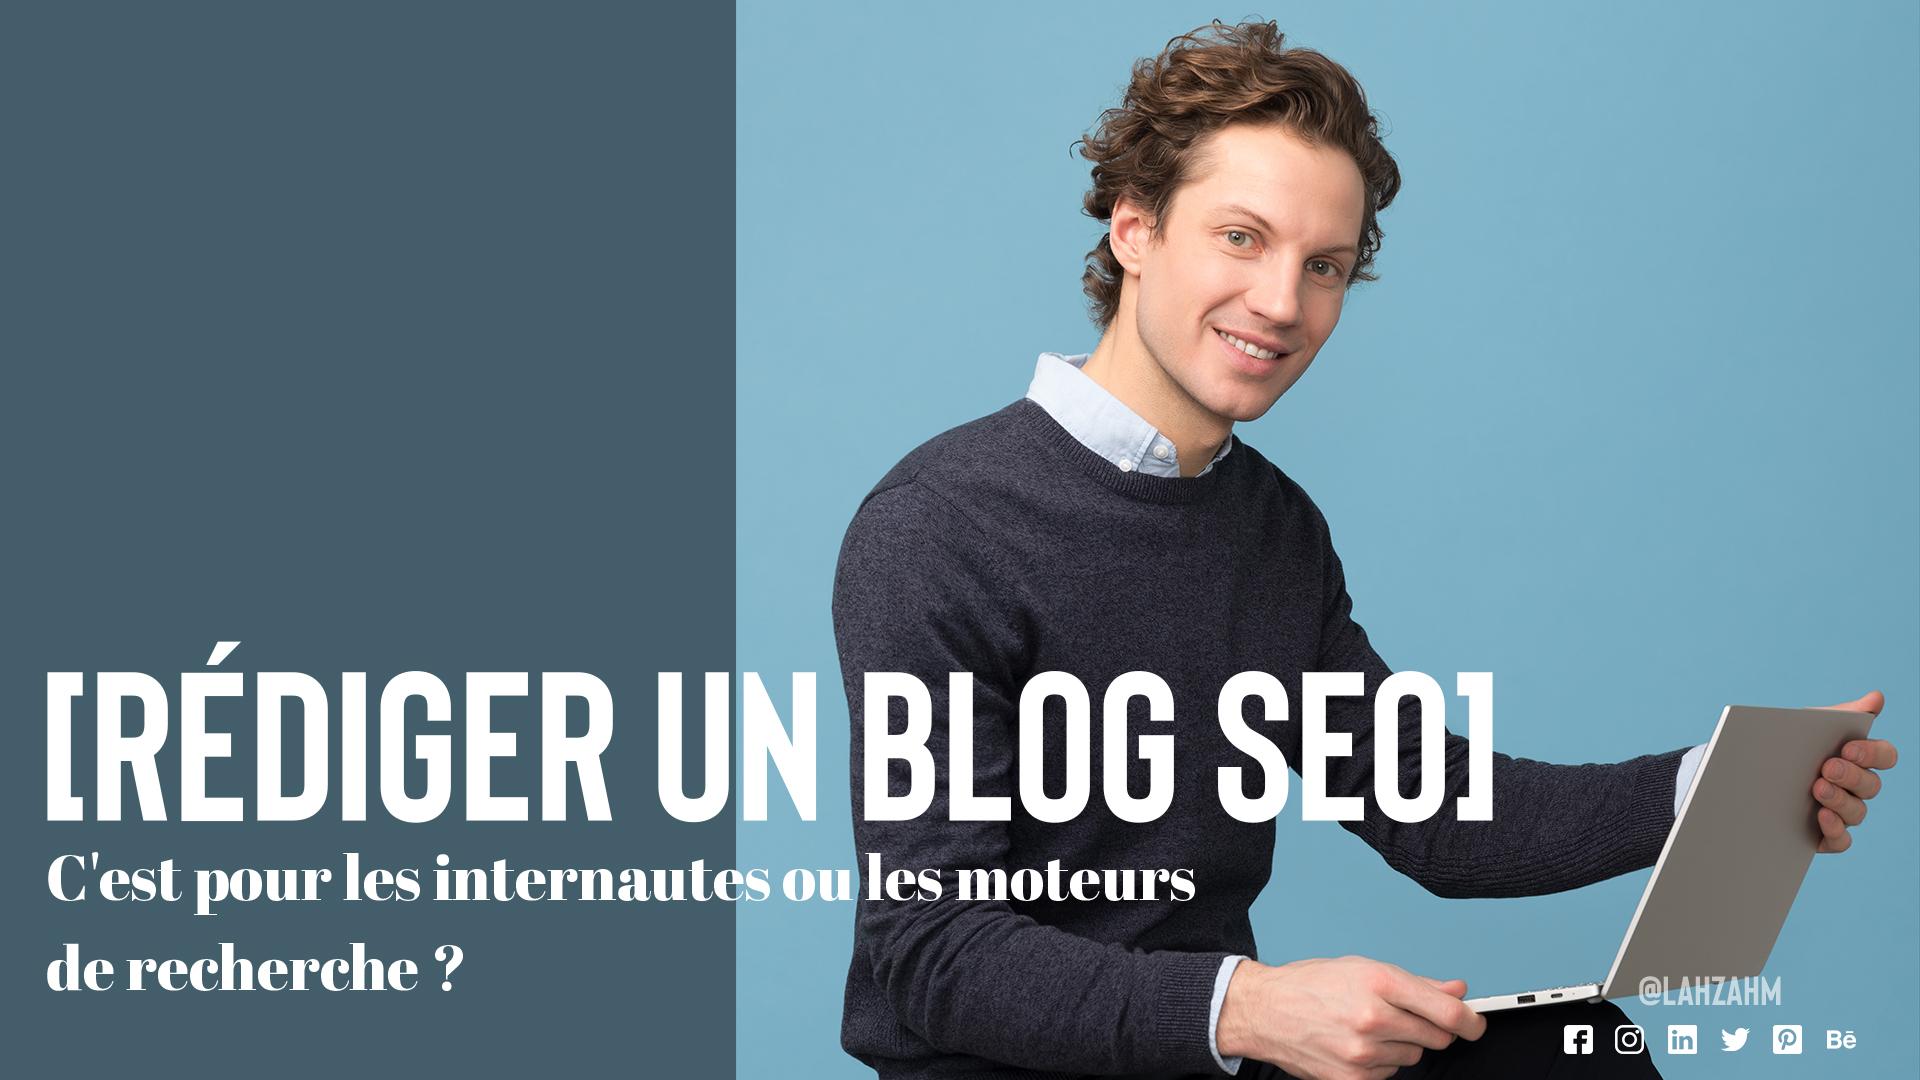 Rédiger un blog SEO : C'est pour les internautes ou les moteurs de recherche ?